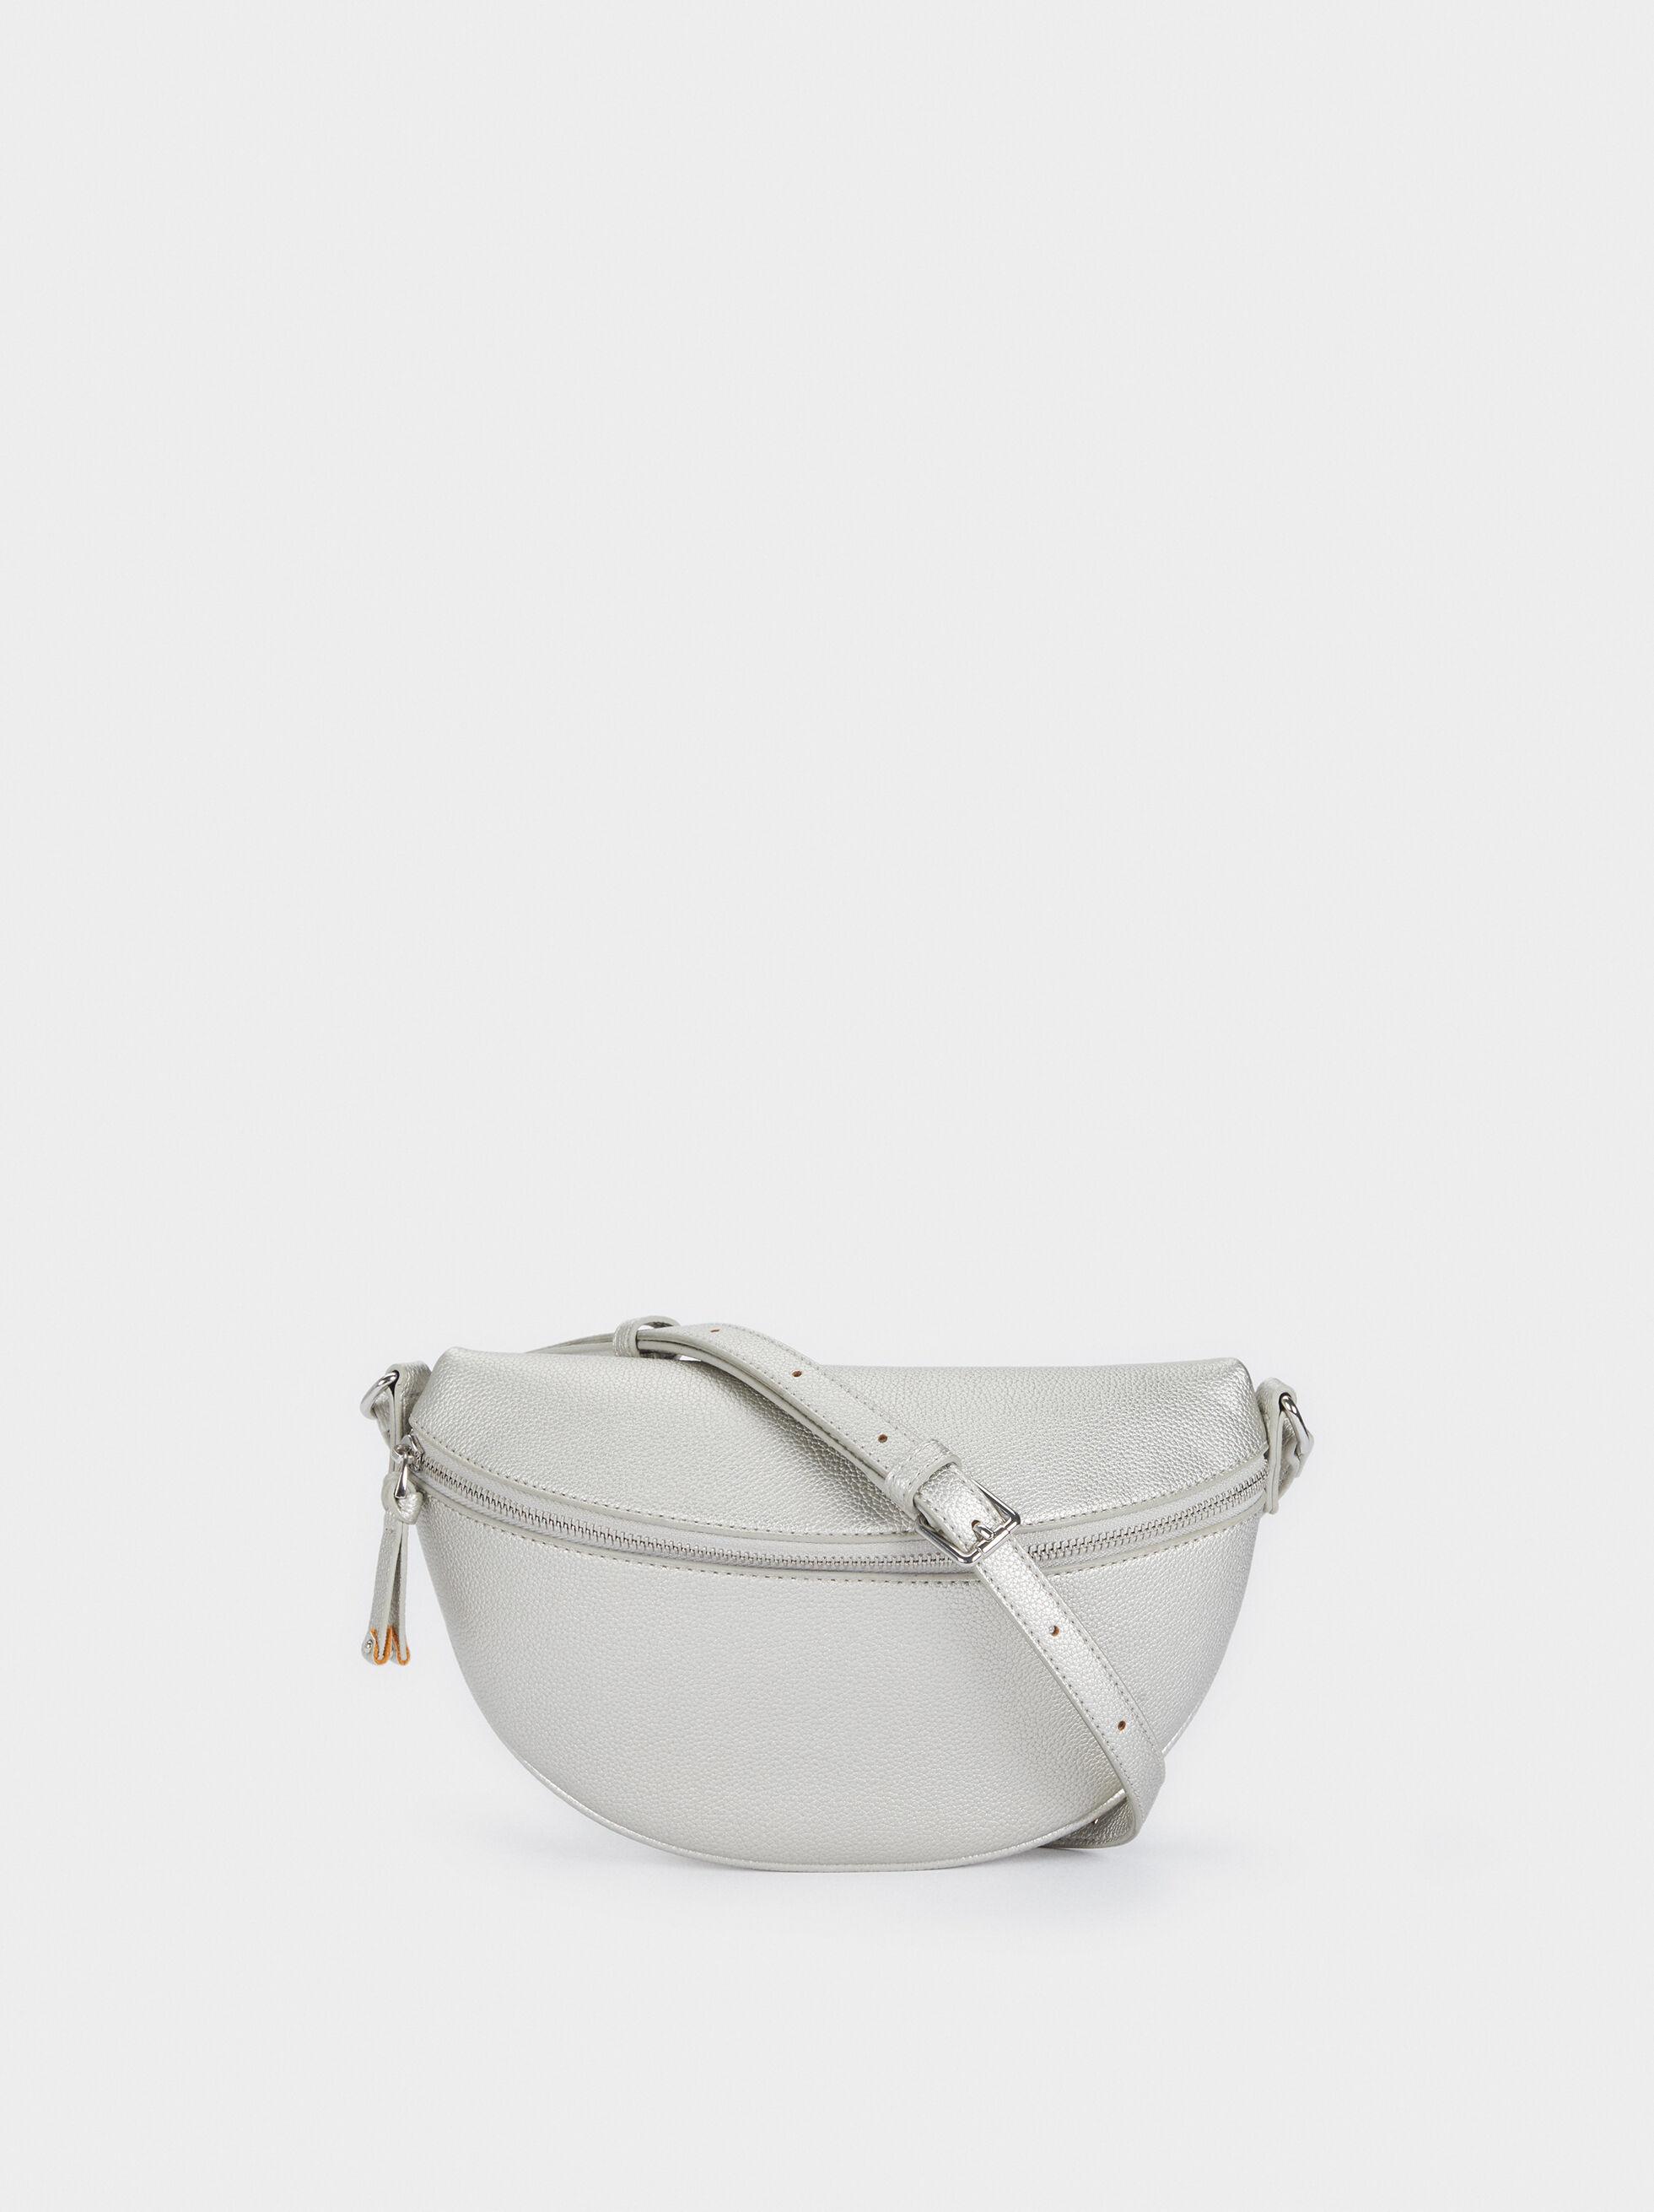 Detalles de bolso mujer bandolera con flores parfois handbag for women